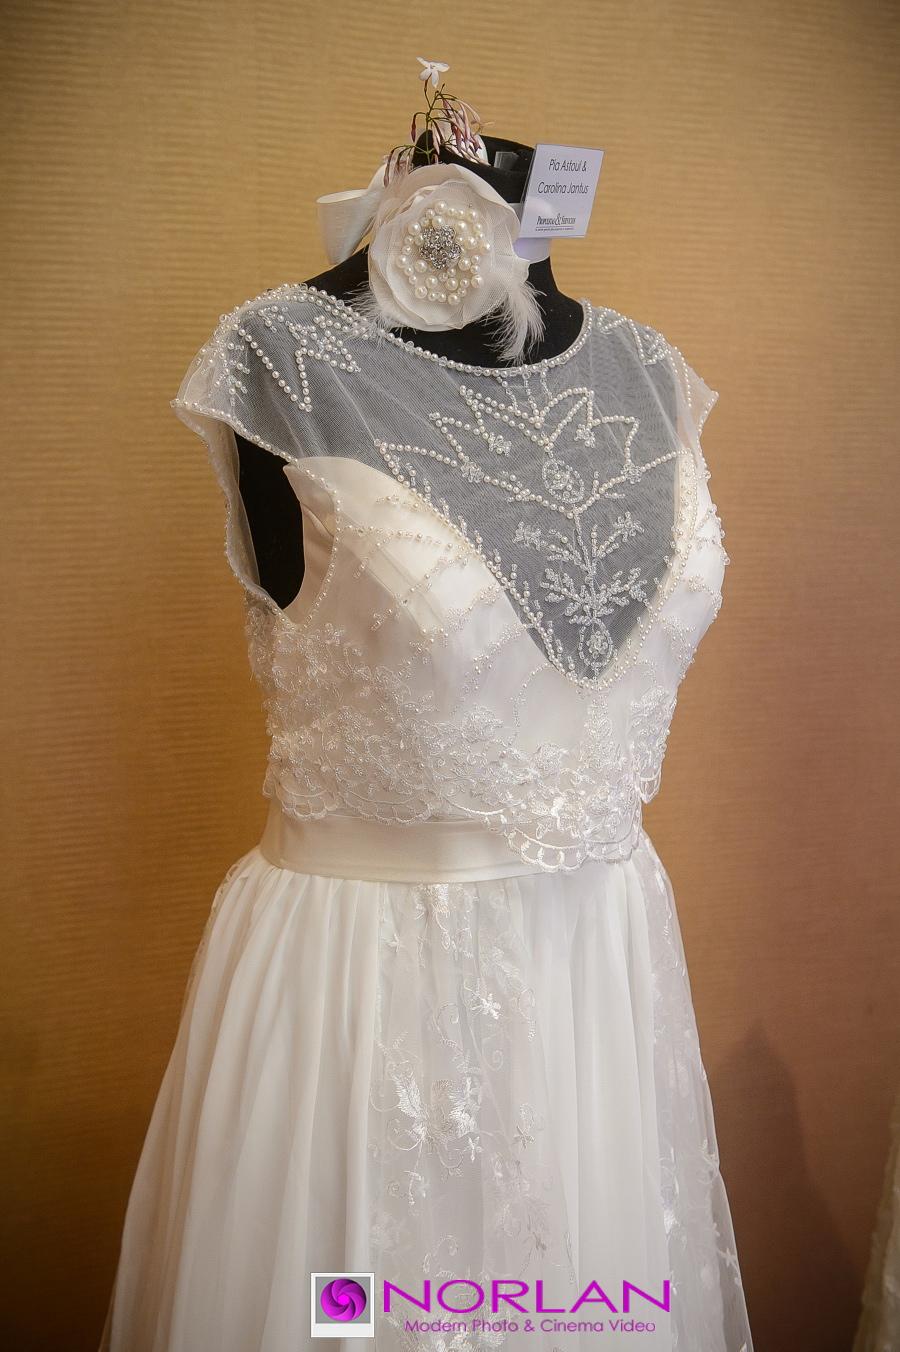 0051 -fotos norlanestudio-modern photo-fotos en buenos aires- fotos de novias en buenos aires-fotos de vestidos de novias en buenos aires